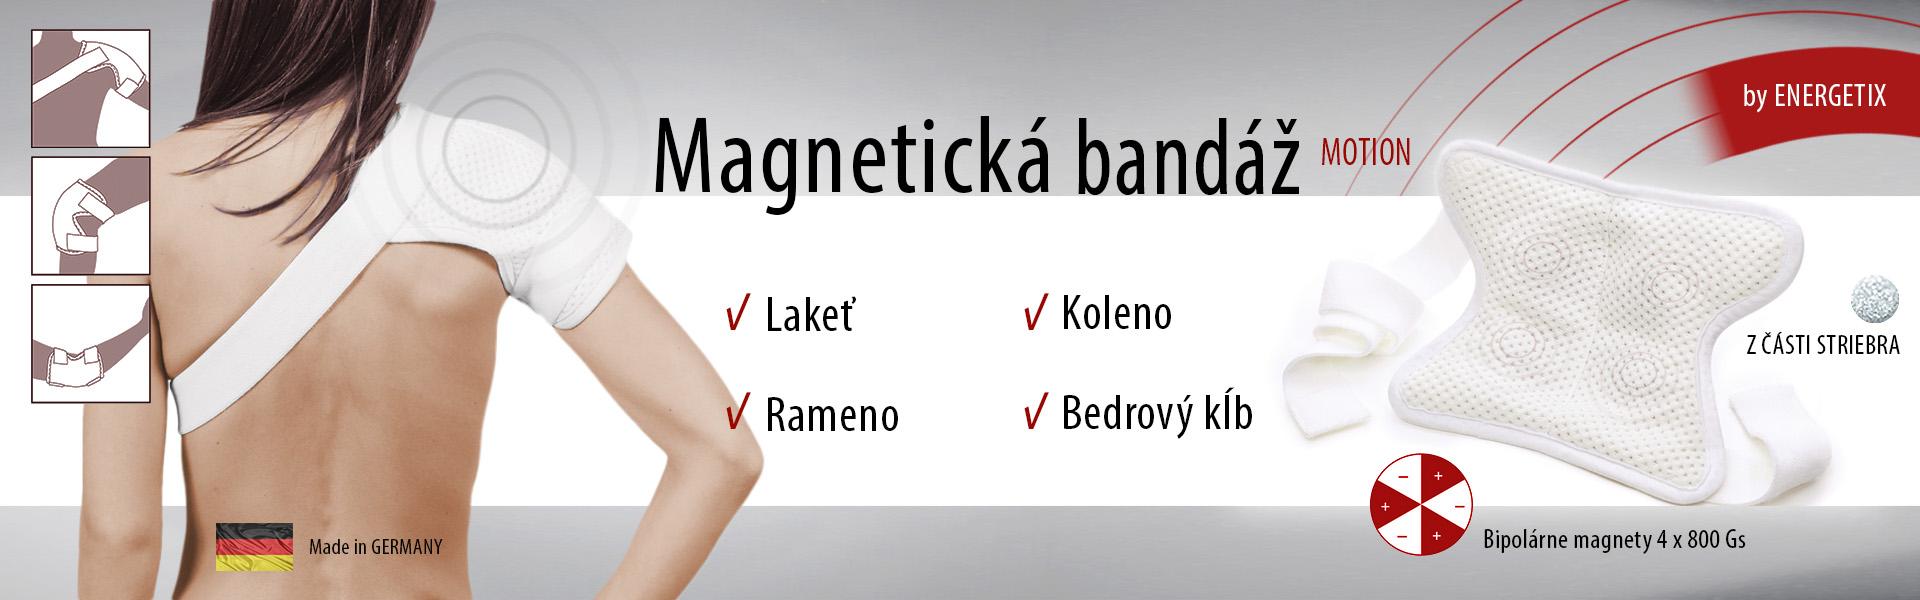 Magnetická bandáž Motion